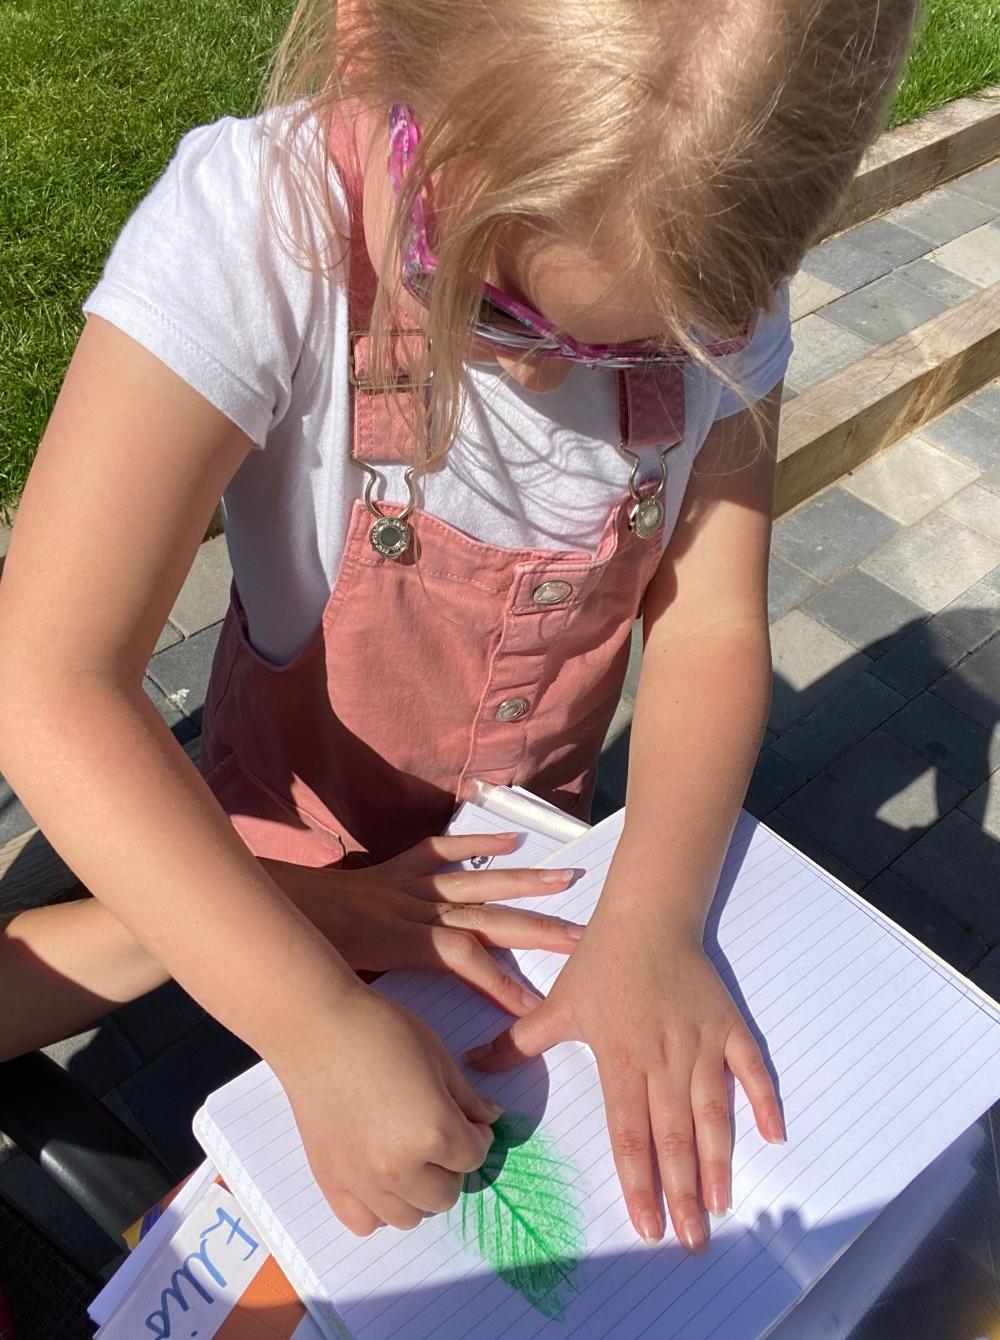 nay nays adventure - homeschooling week three